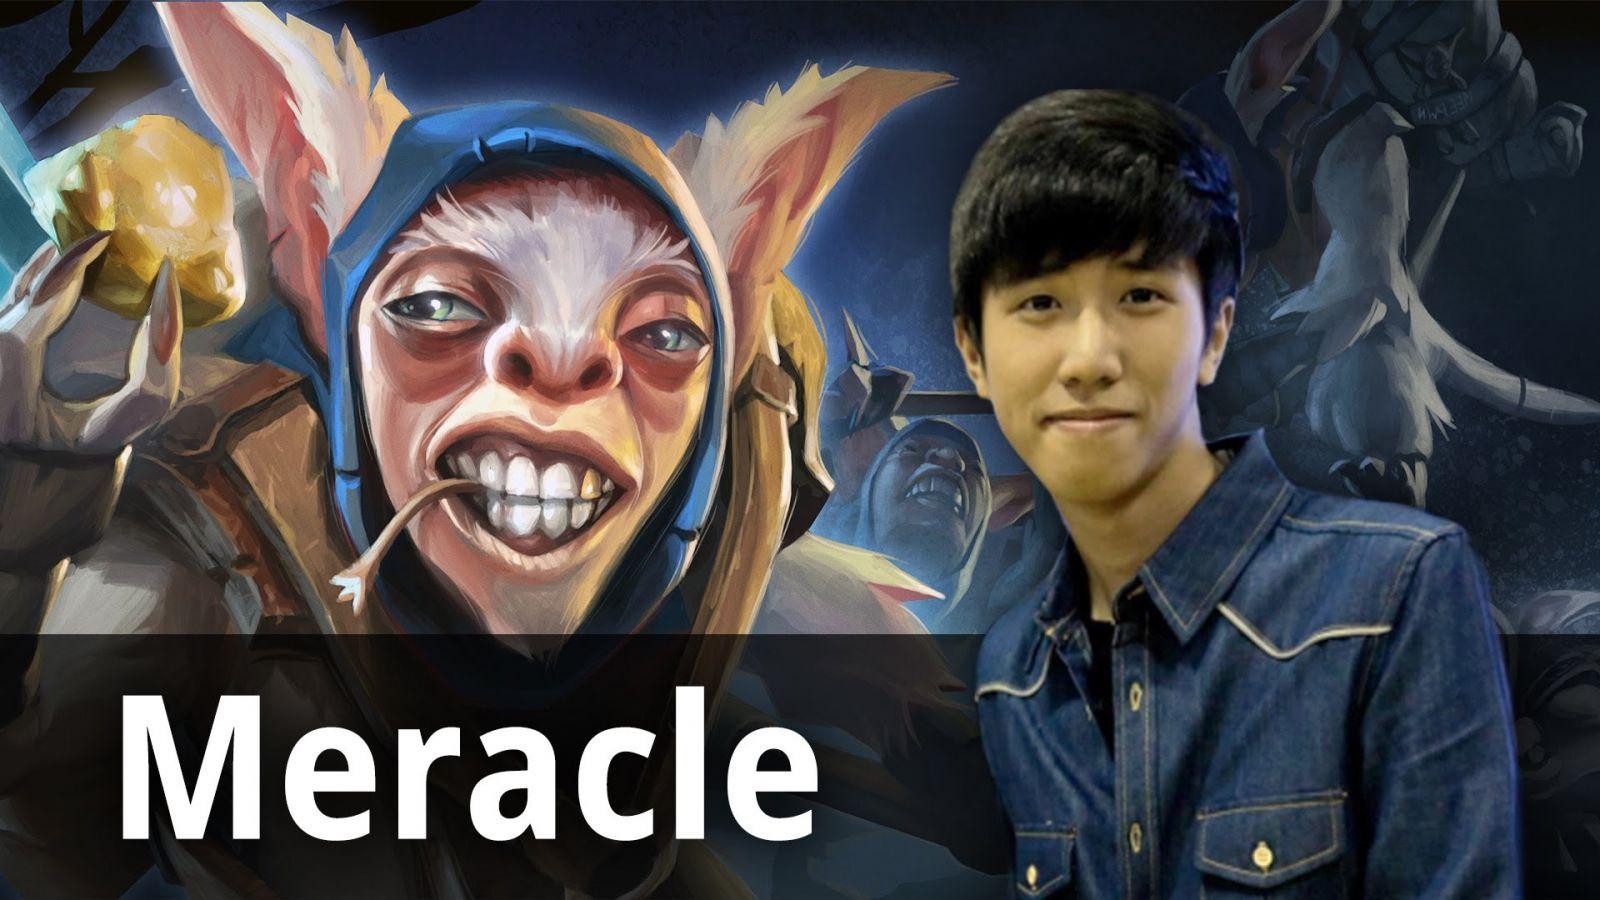 meracle - Thêm một tài năng trẻ của Dota 2 Malaysia tới Trung Quốc khởi nghiệp